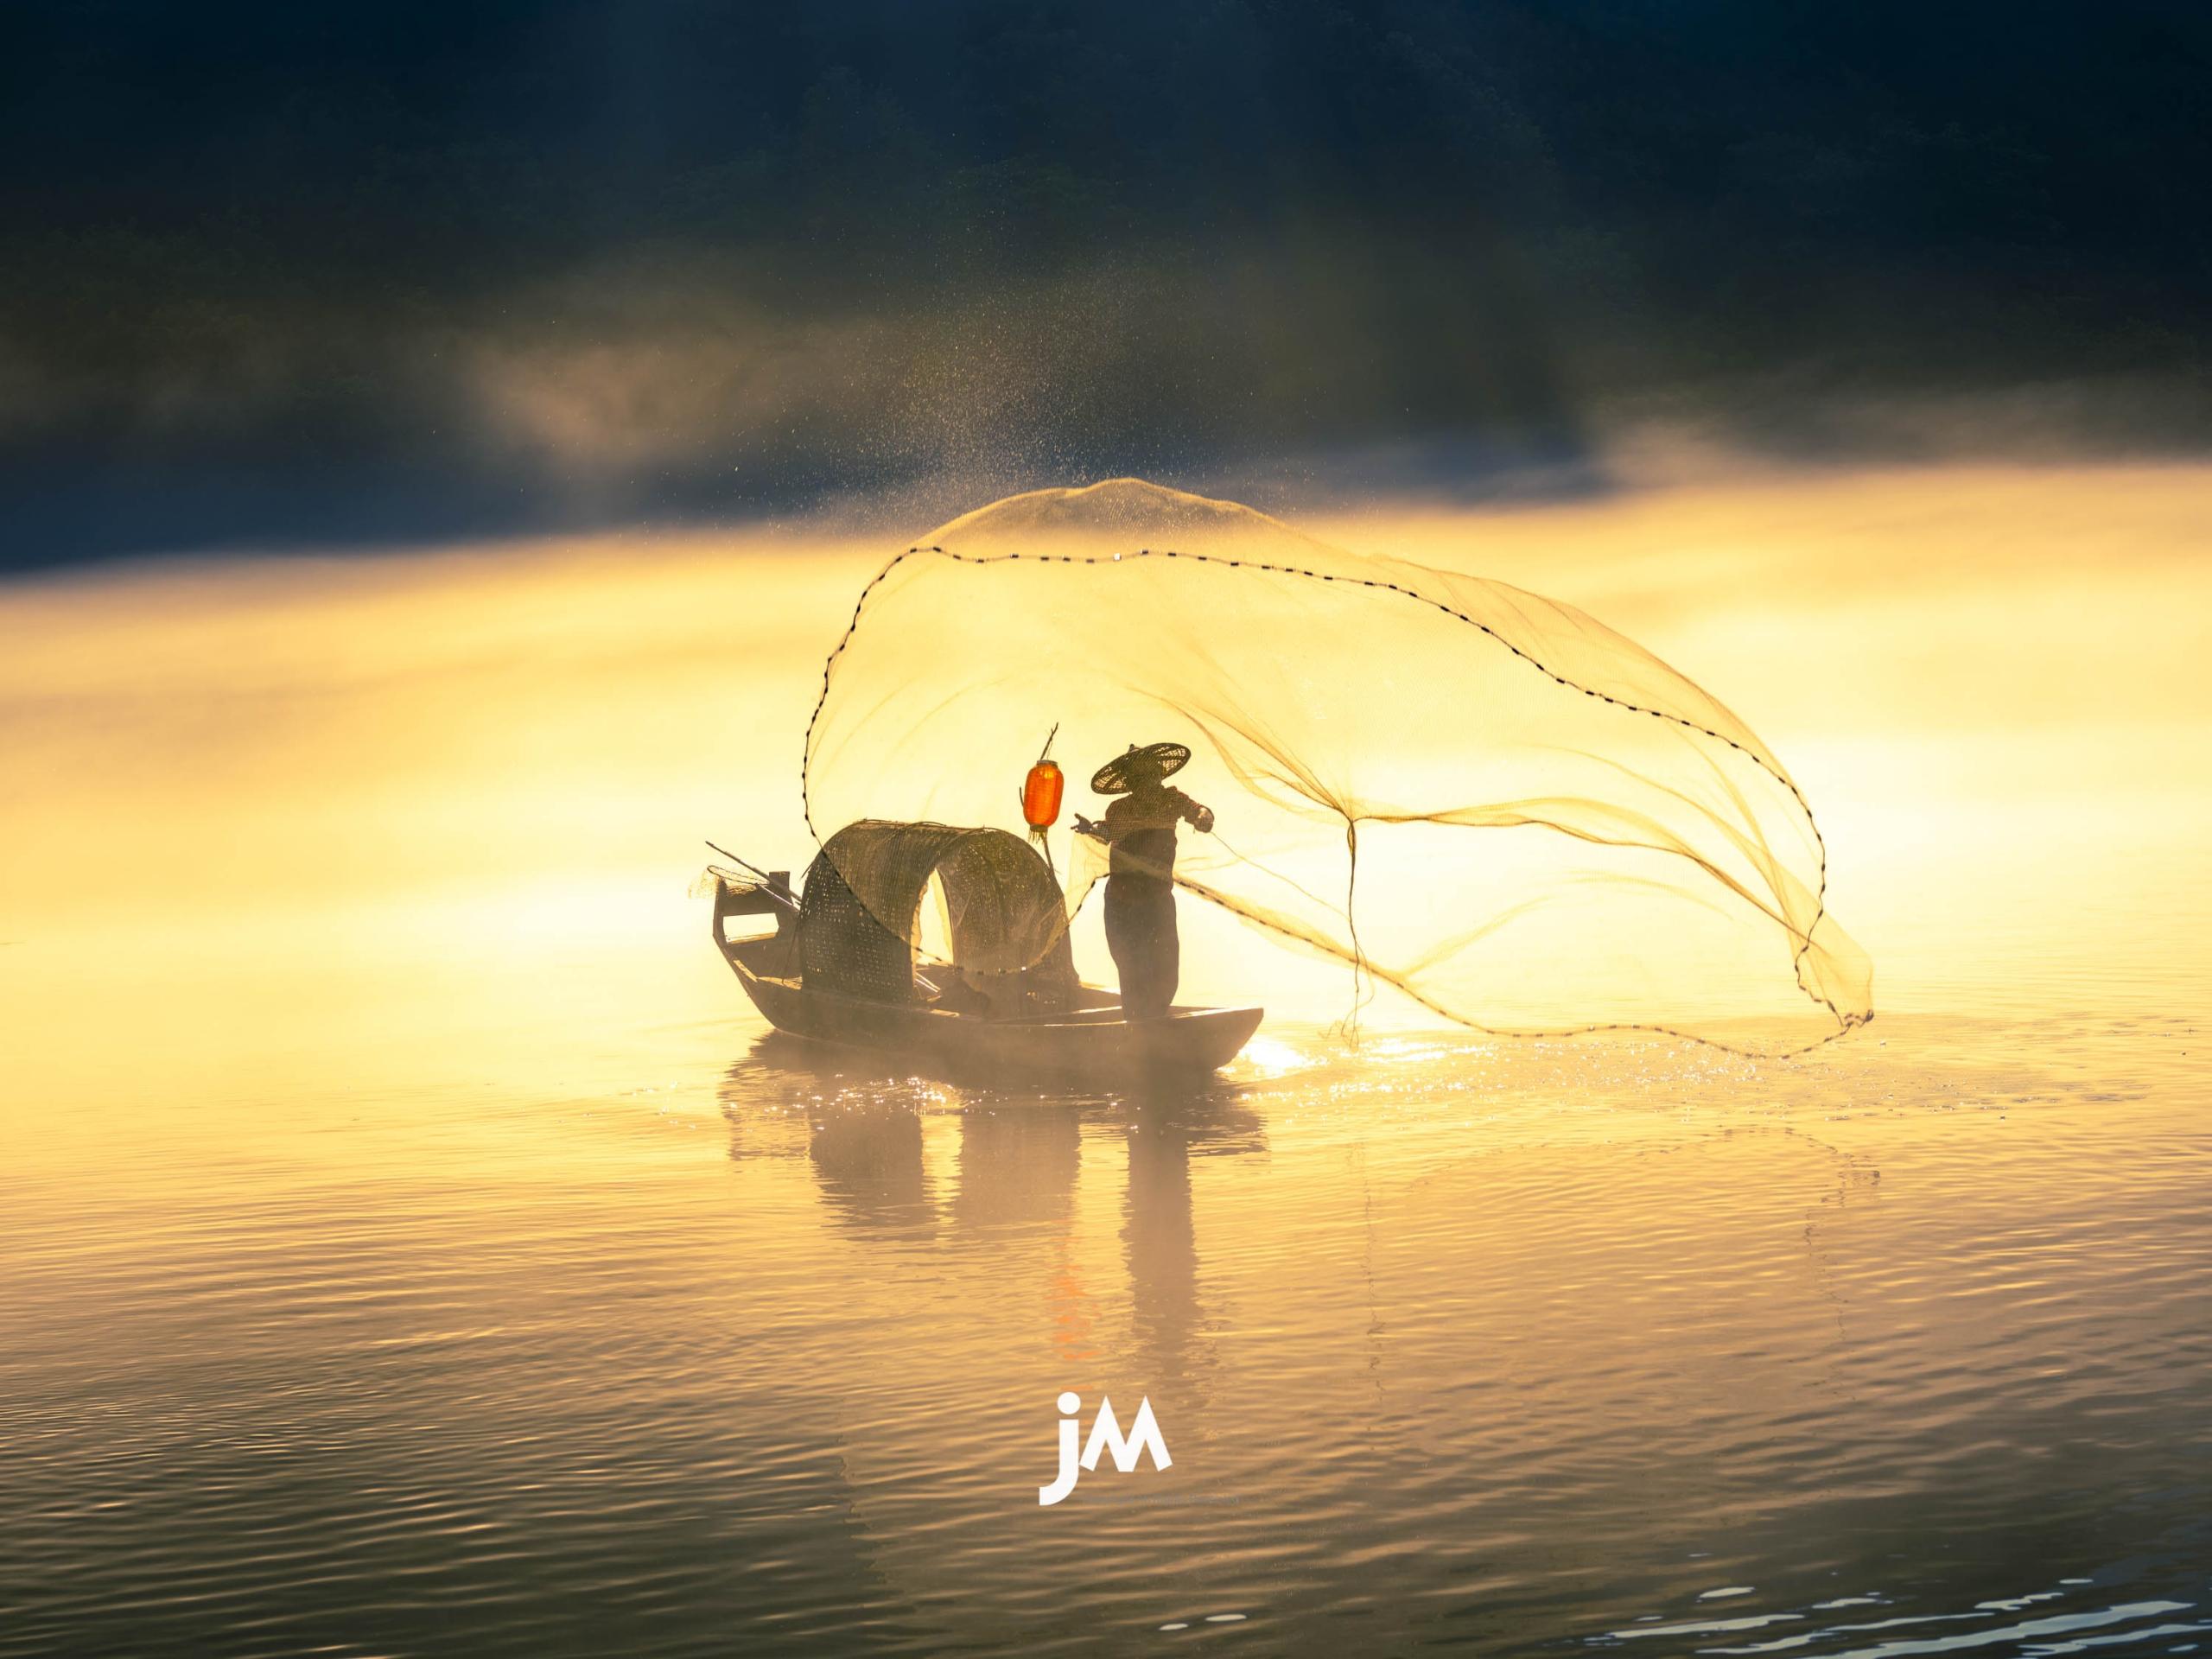 china-xiaodongjiang-2019-9467-scaled